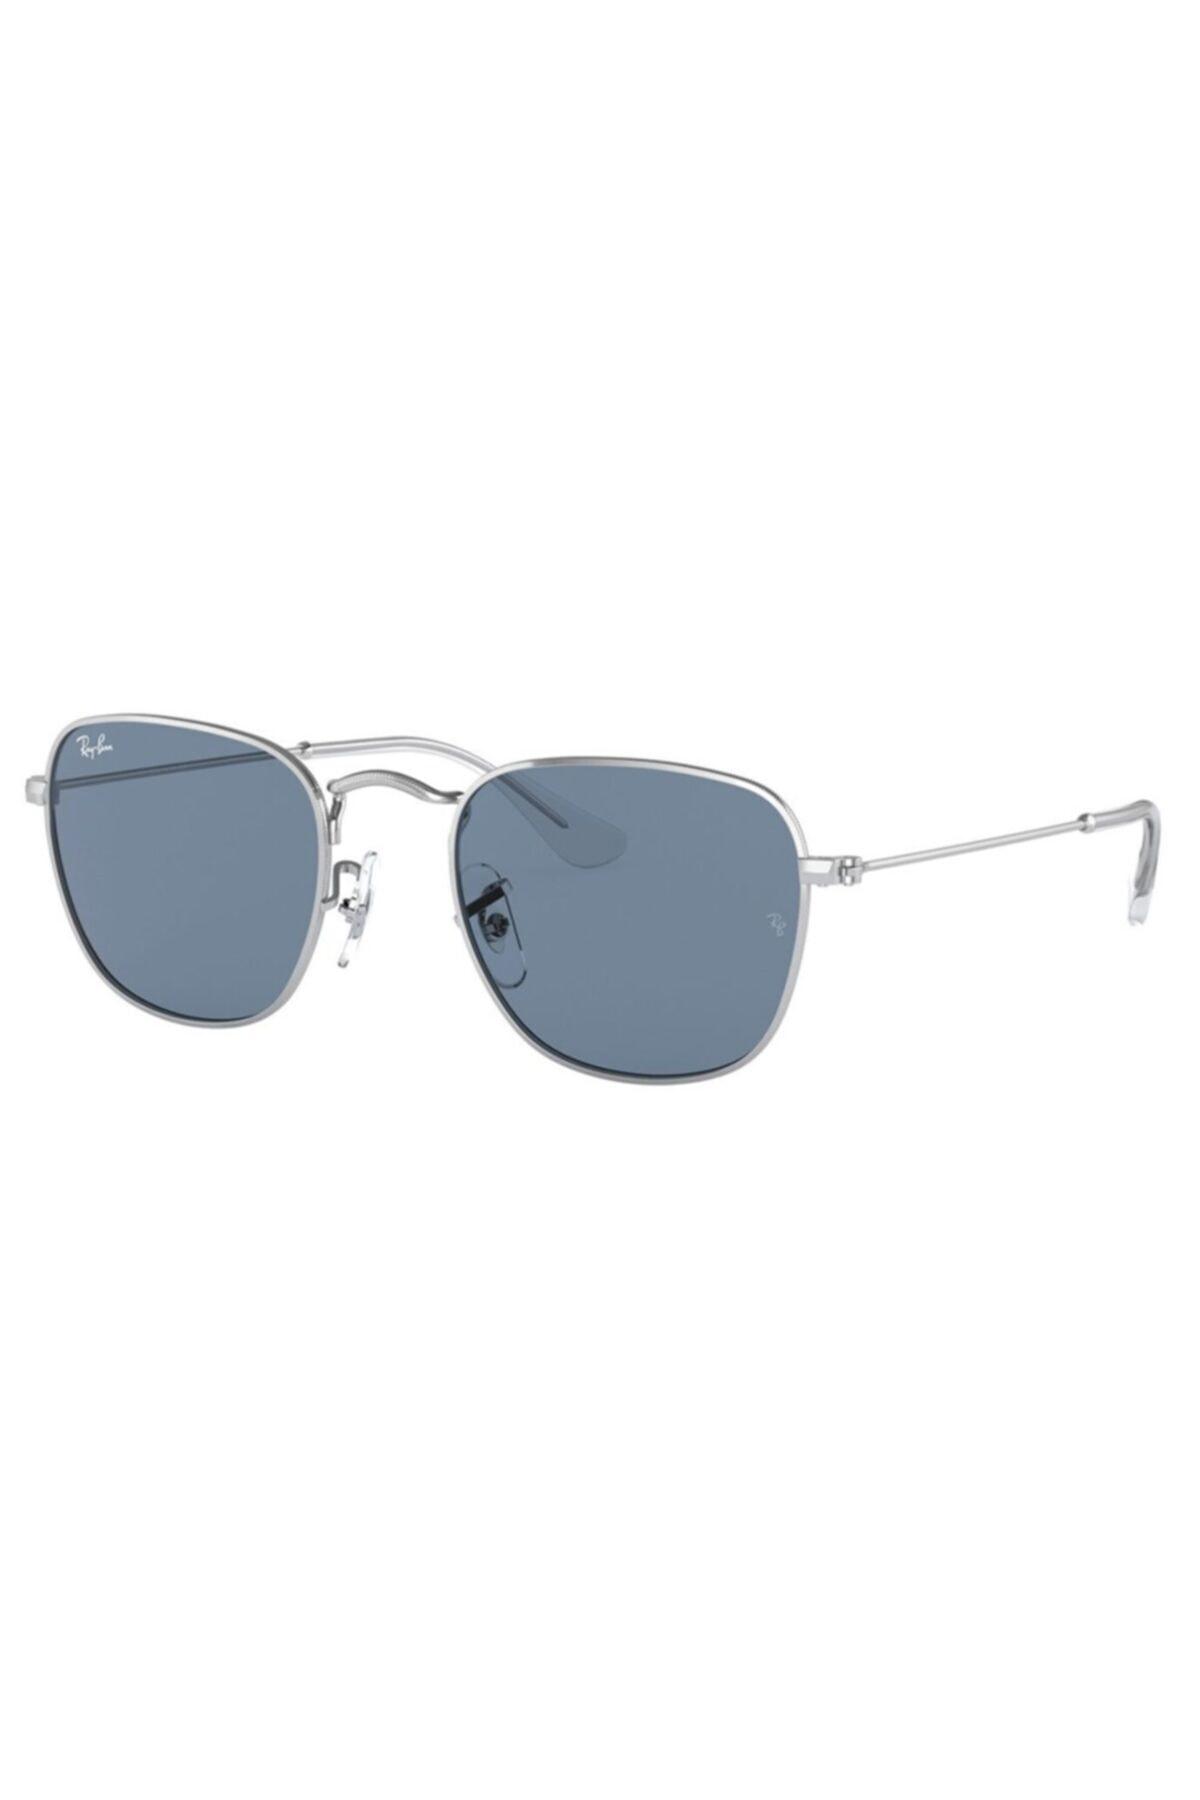 عینک آفتابی پسرانه فانتزی برند ری بن رنگ نقره کد ty92555426